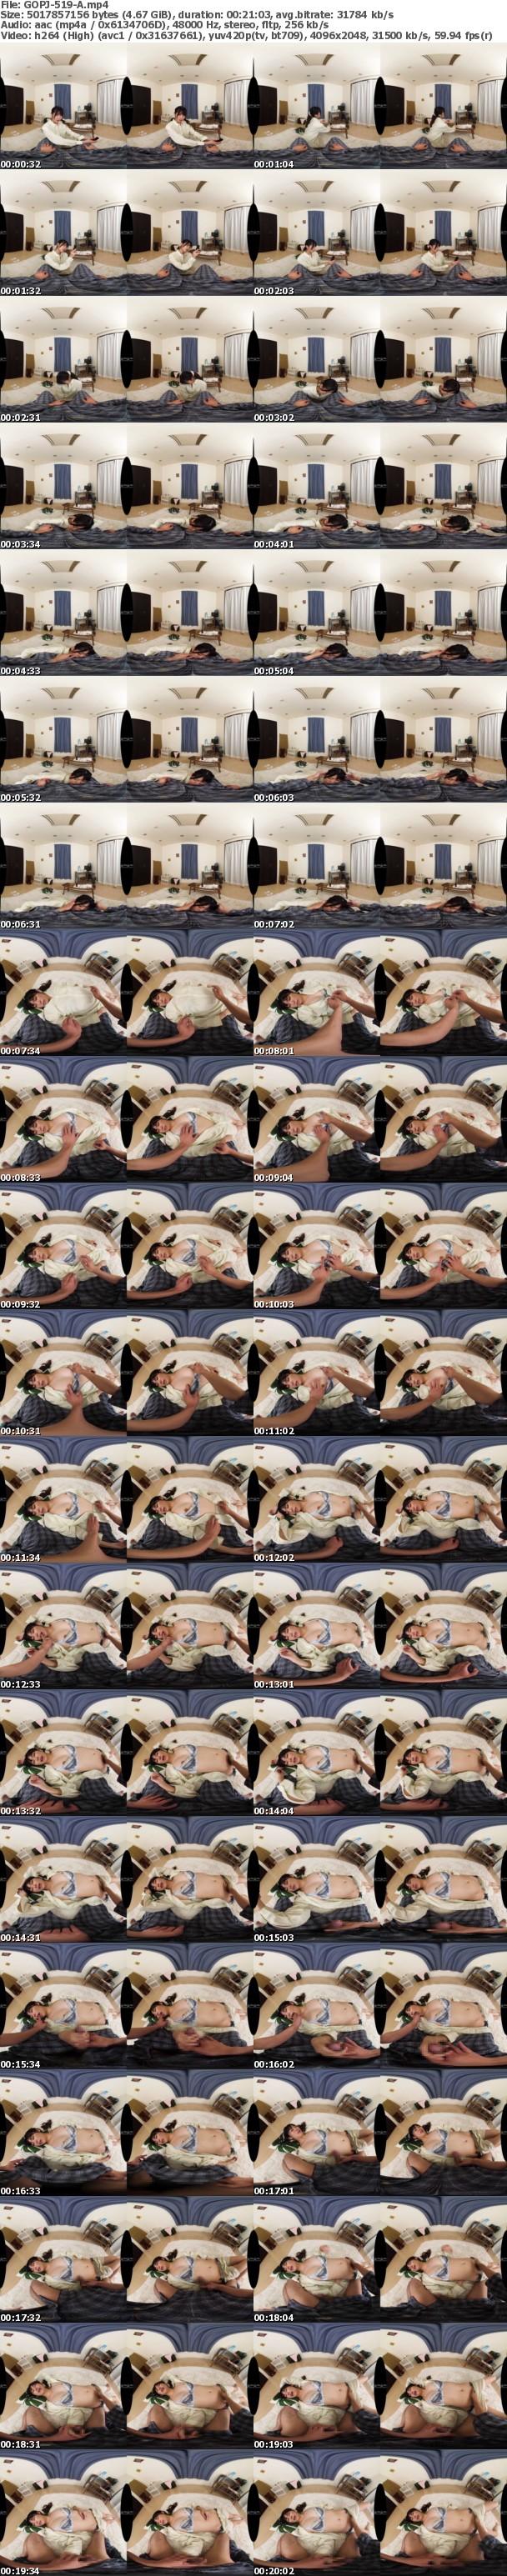 (VR) GOPJ-519 HQ 劇的超高画質 睡眠姉姦 敏感Aカップスレンダー美女 起きても構わず貪りつくす!